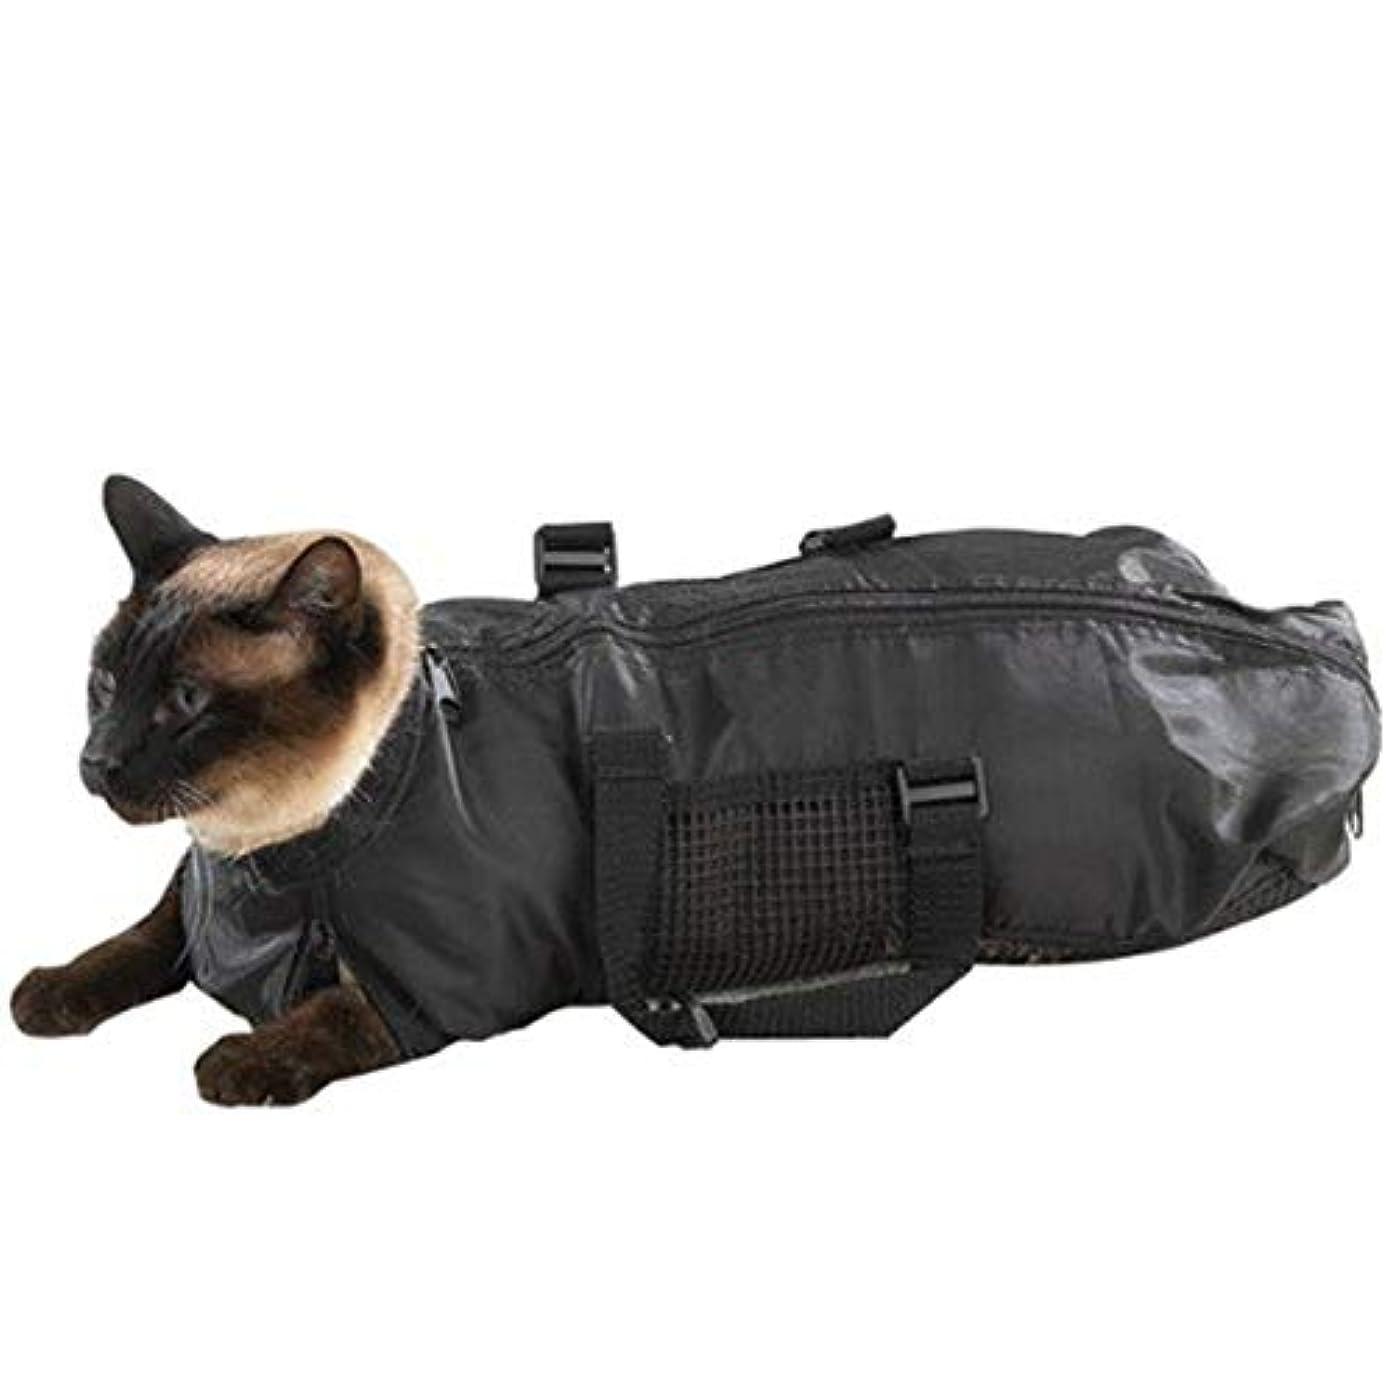 そよ風すり作物Saikogoods ネイルクリッピングお風呂のための猫グルーミングバッグ 耐久性に優れ ノースクラッチ 噛み拘束 多彩なバッグ ペットサプライ 黒